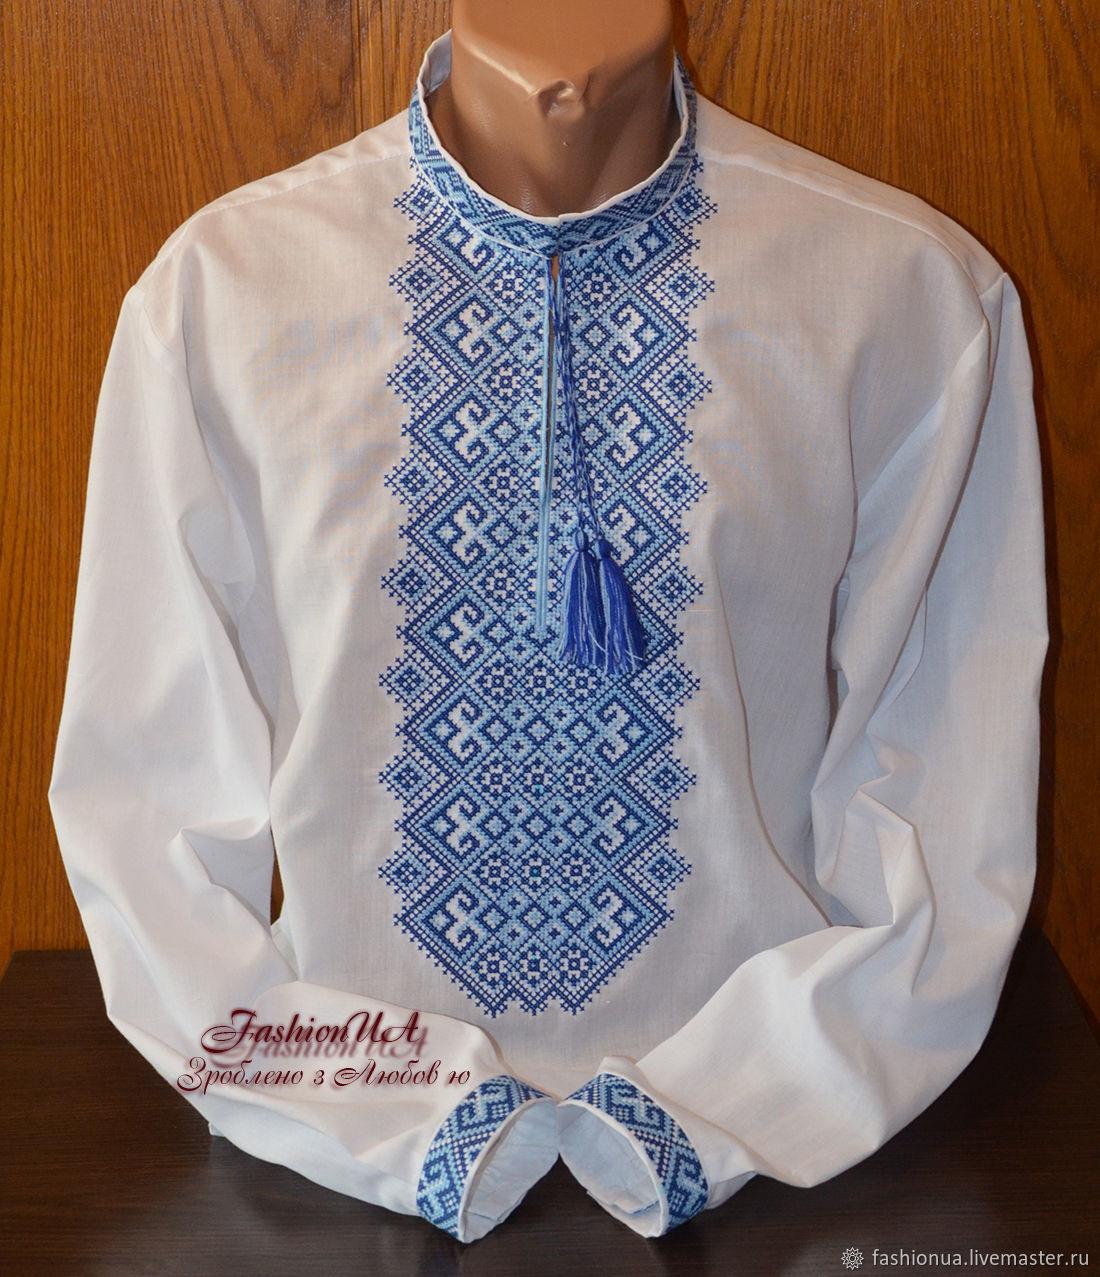 Вышиванка мужская сине-голубая, Рубашки, Черкассы,  Фото №1